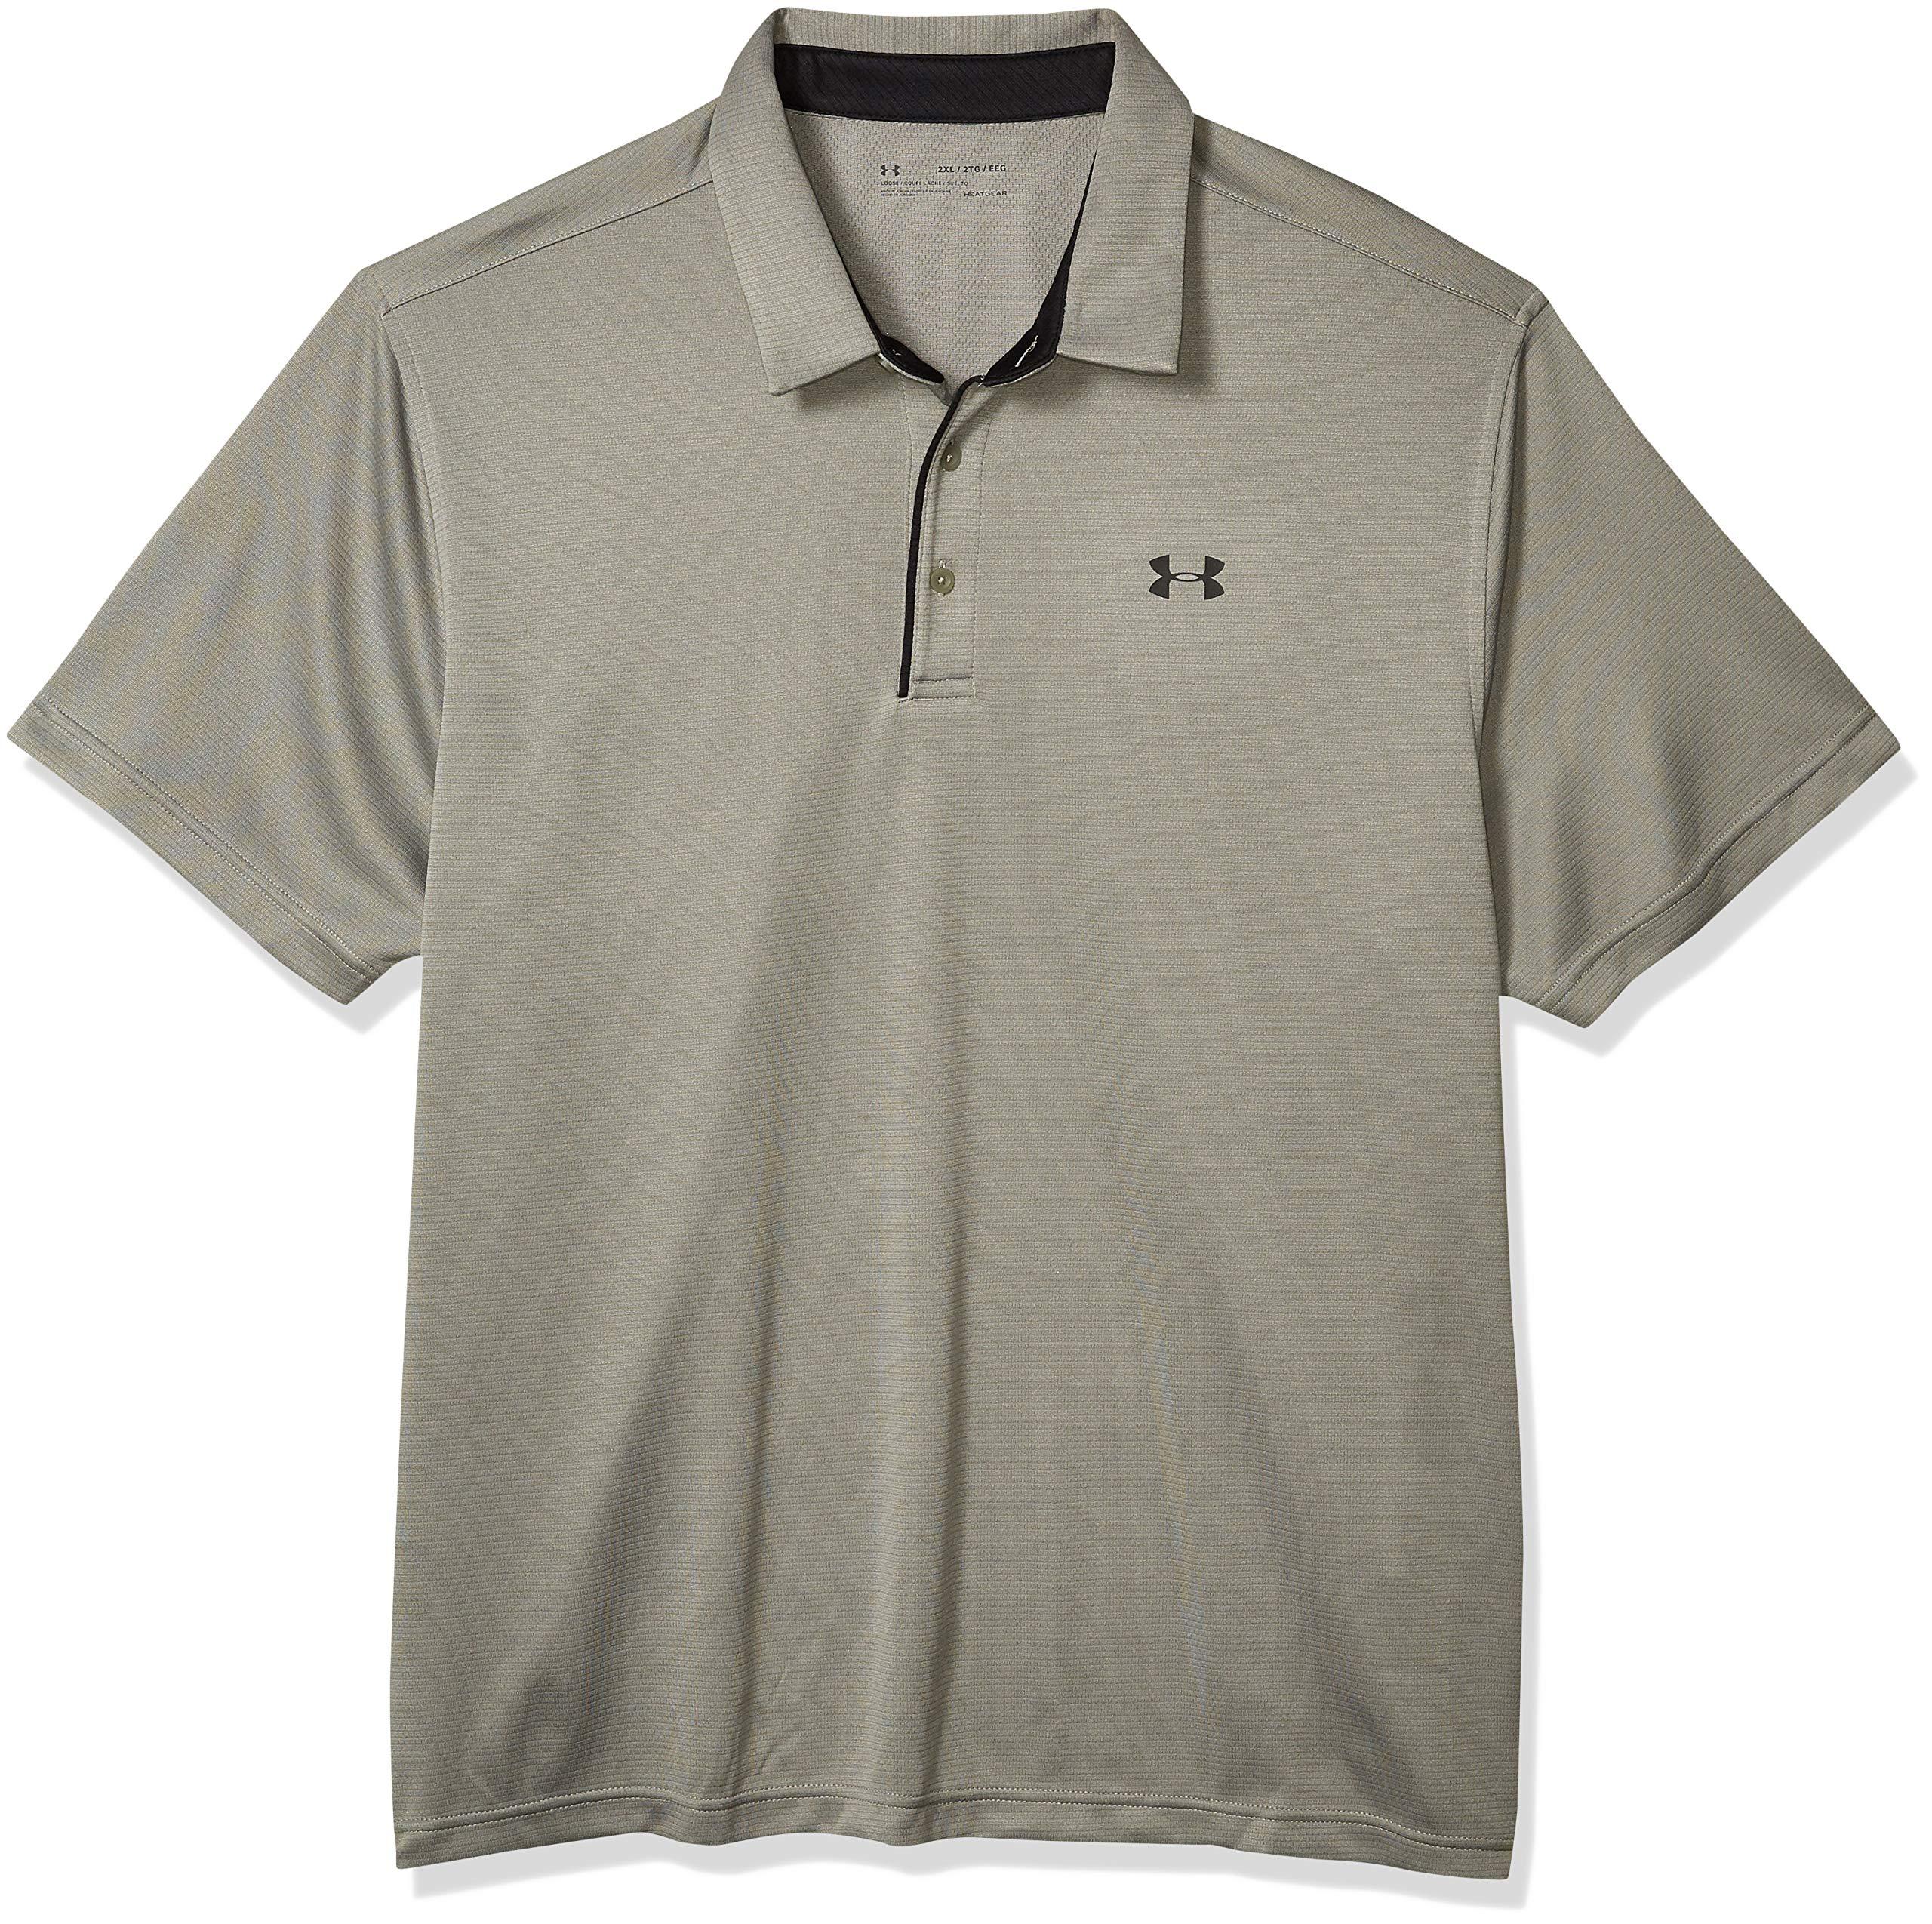 アンダーアーマーDEMAテックポロメンズポロTシャツ、軽量で通気性と快適な半袖ポロシャツ